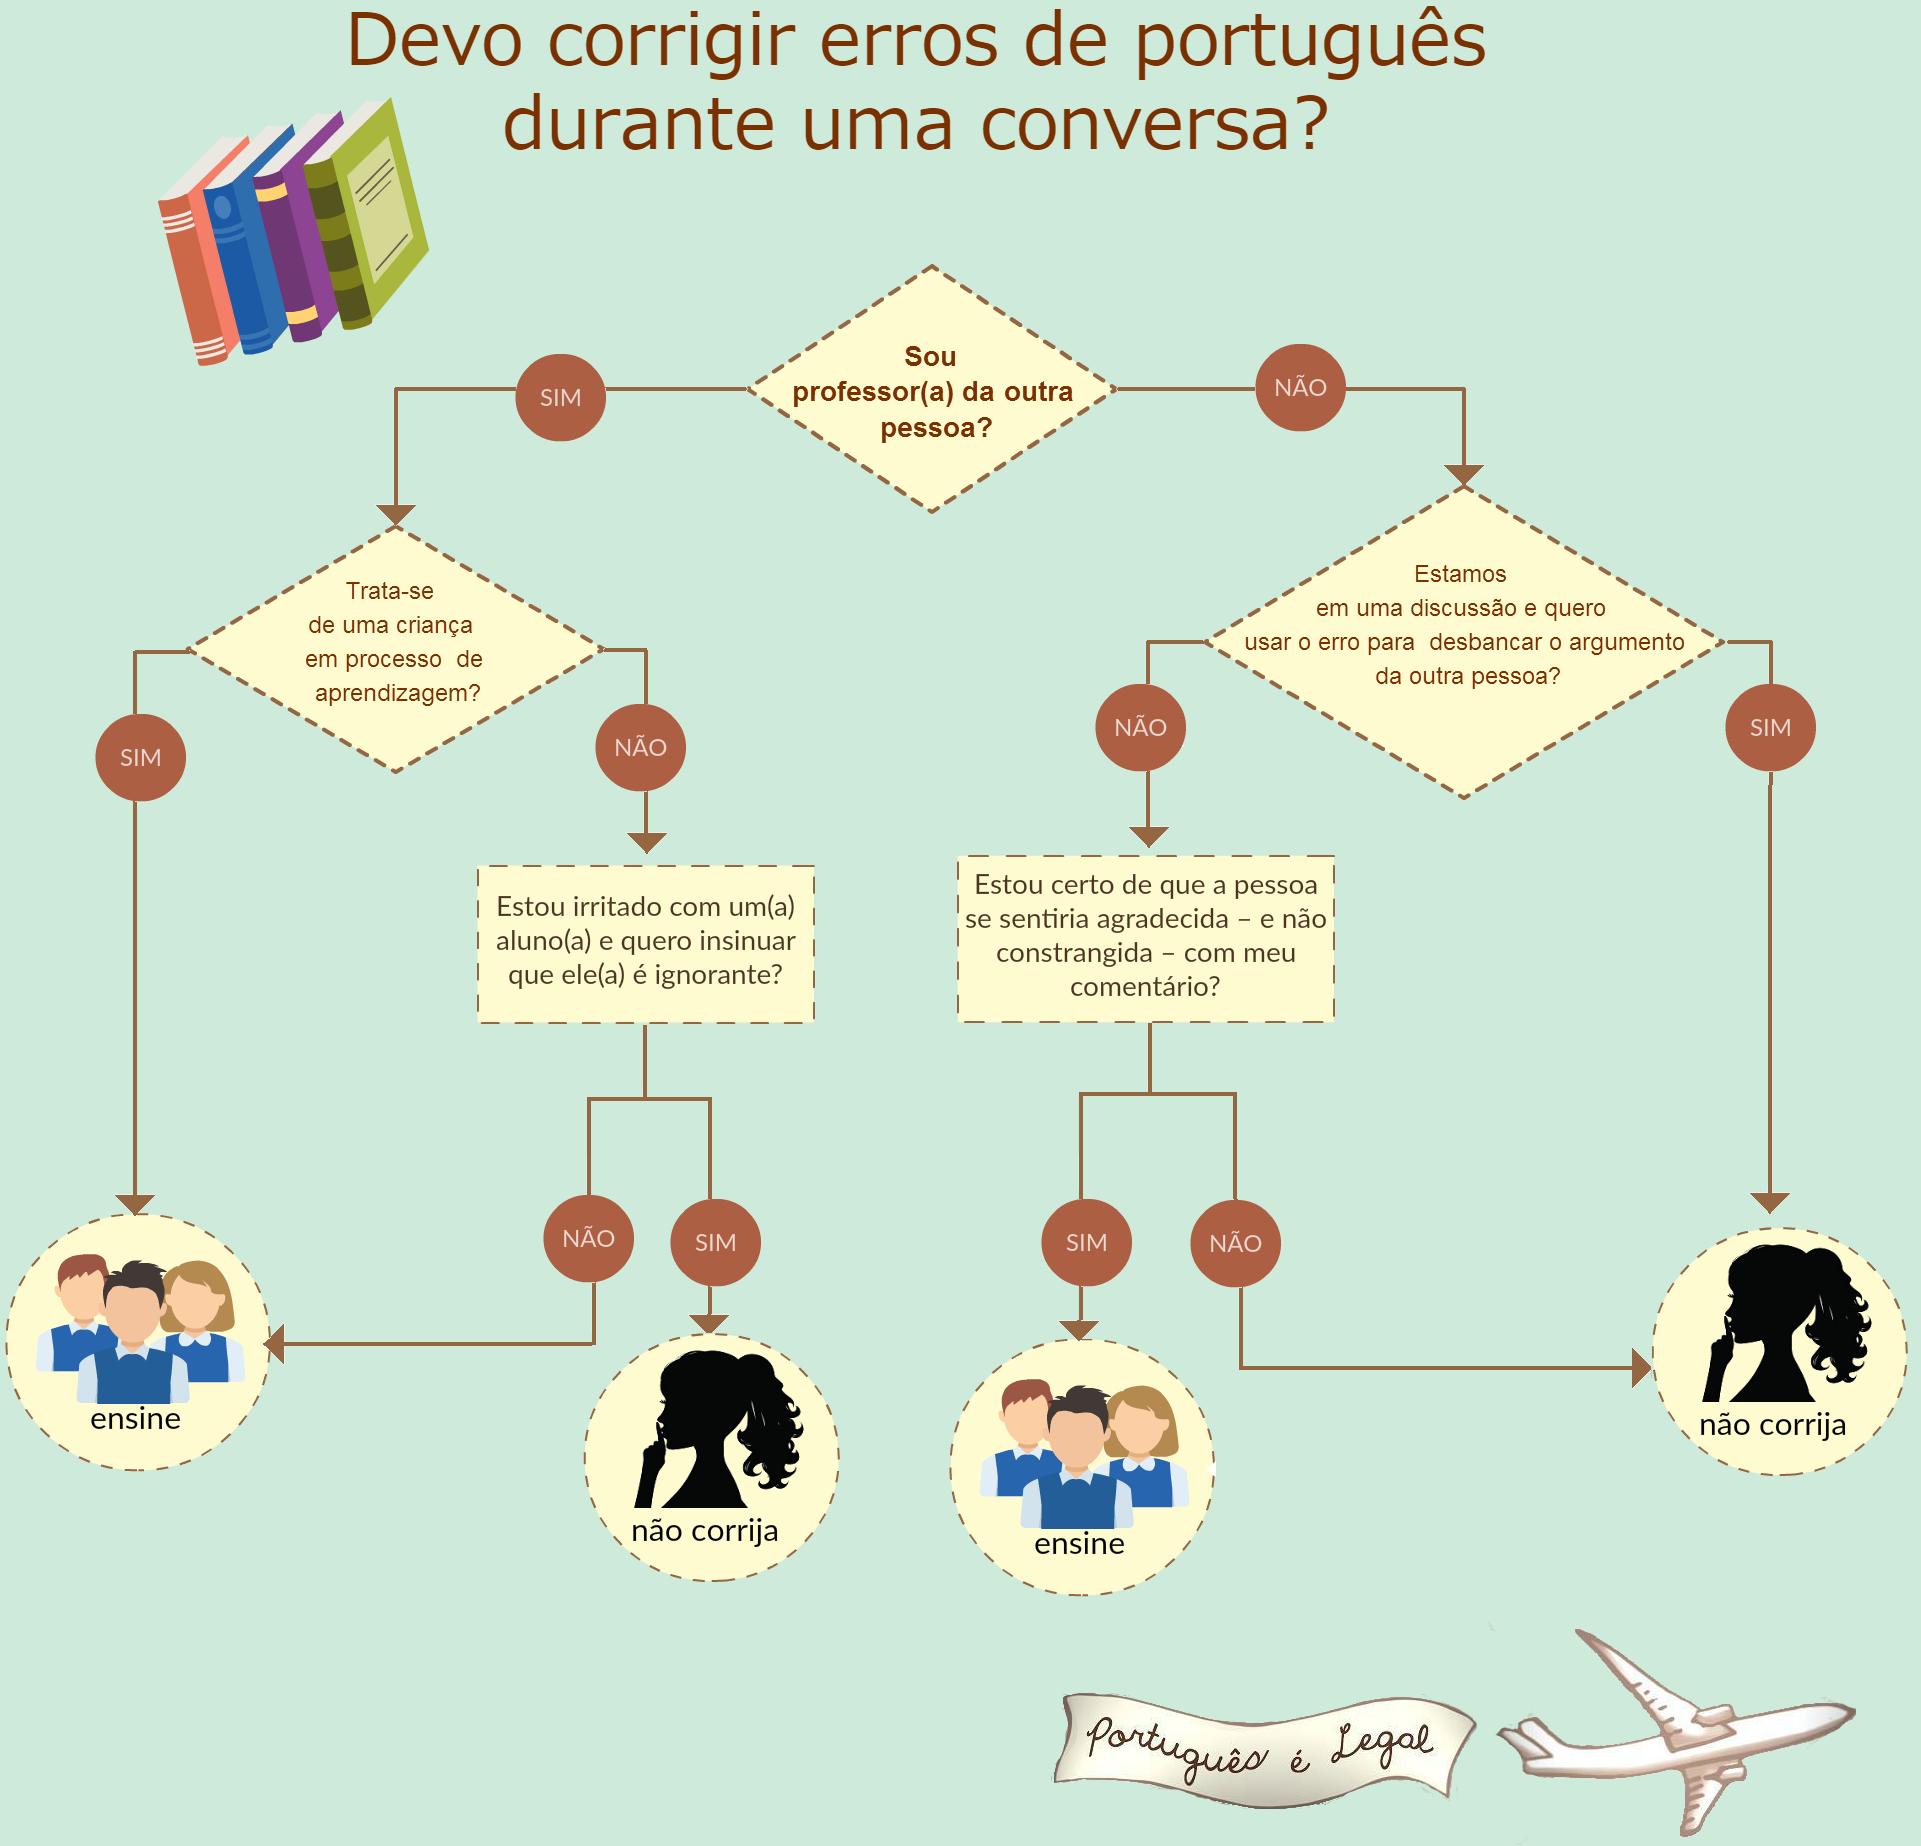 portugues-bom-senso-1